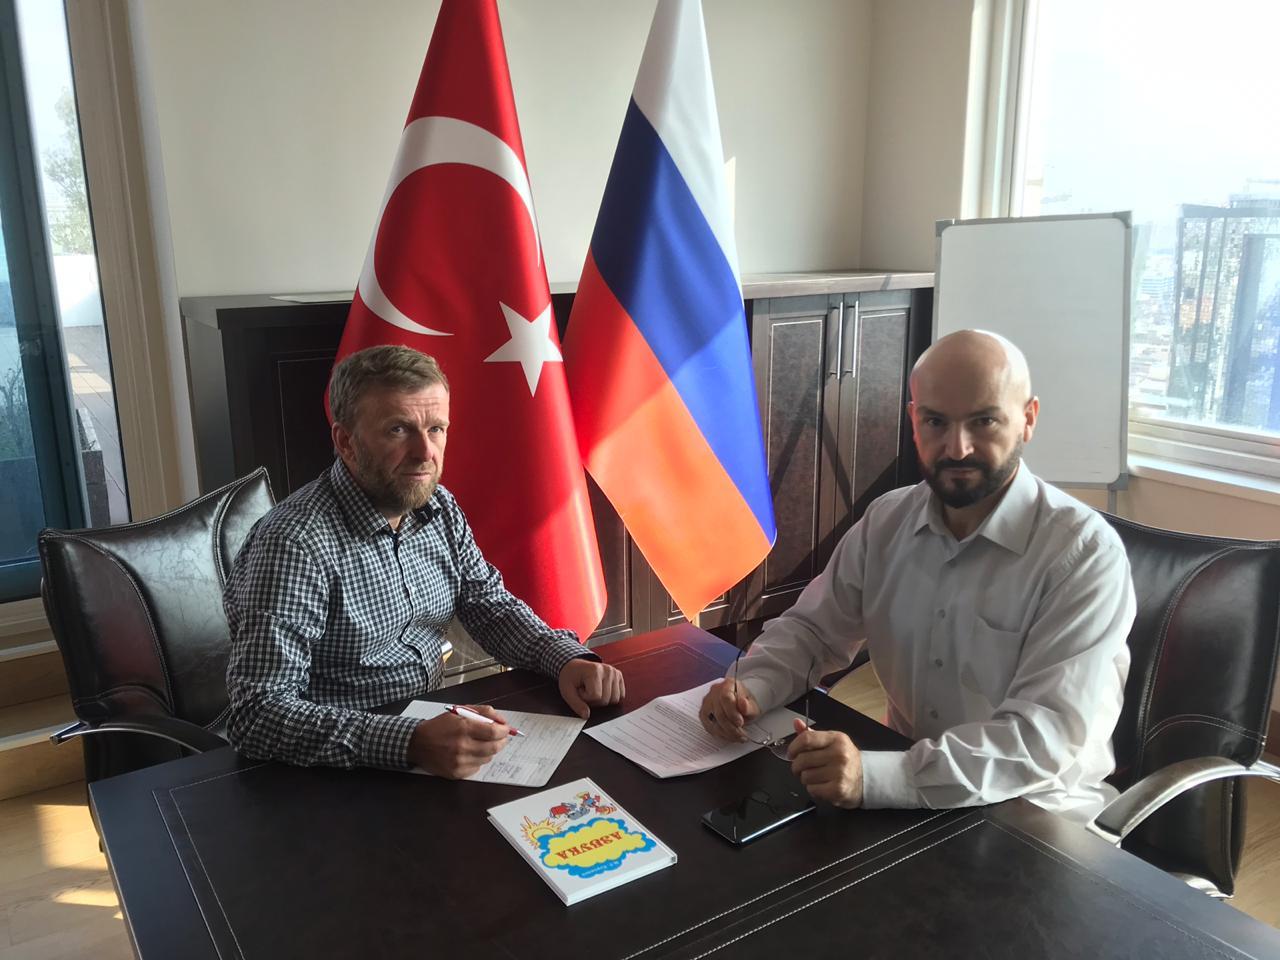 Российские мусульмане организуют в Стамбуле форум